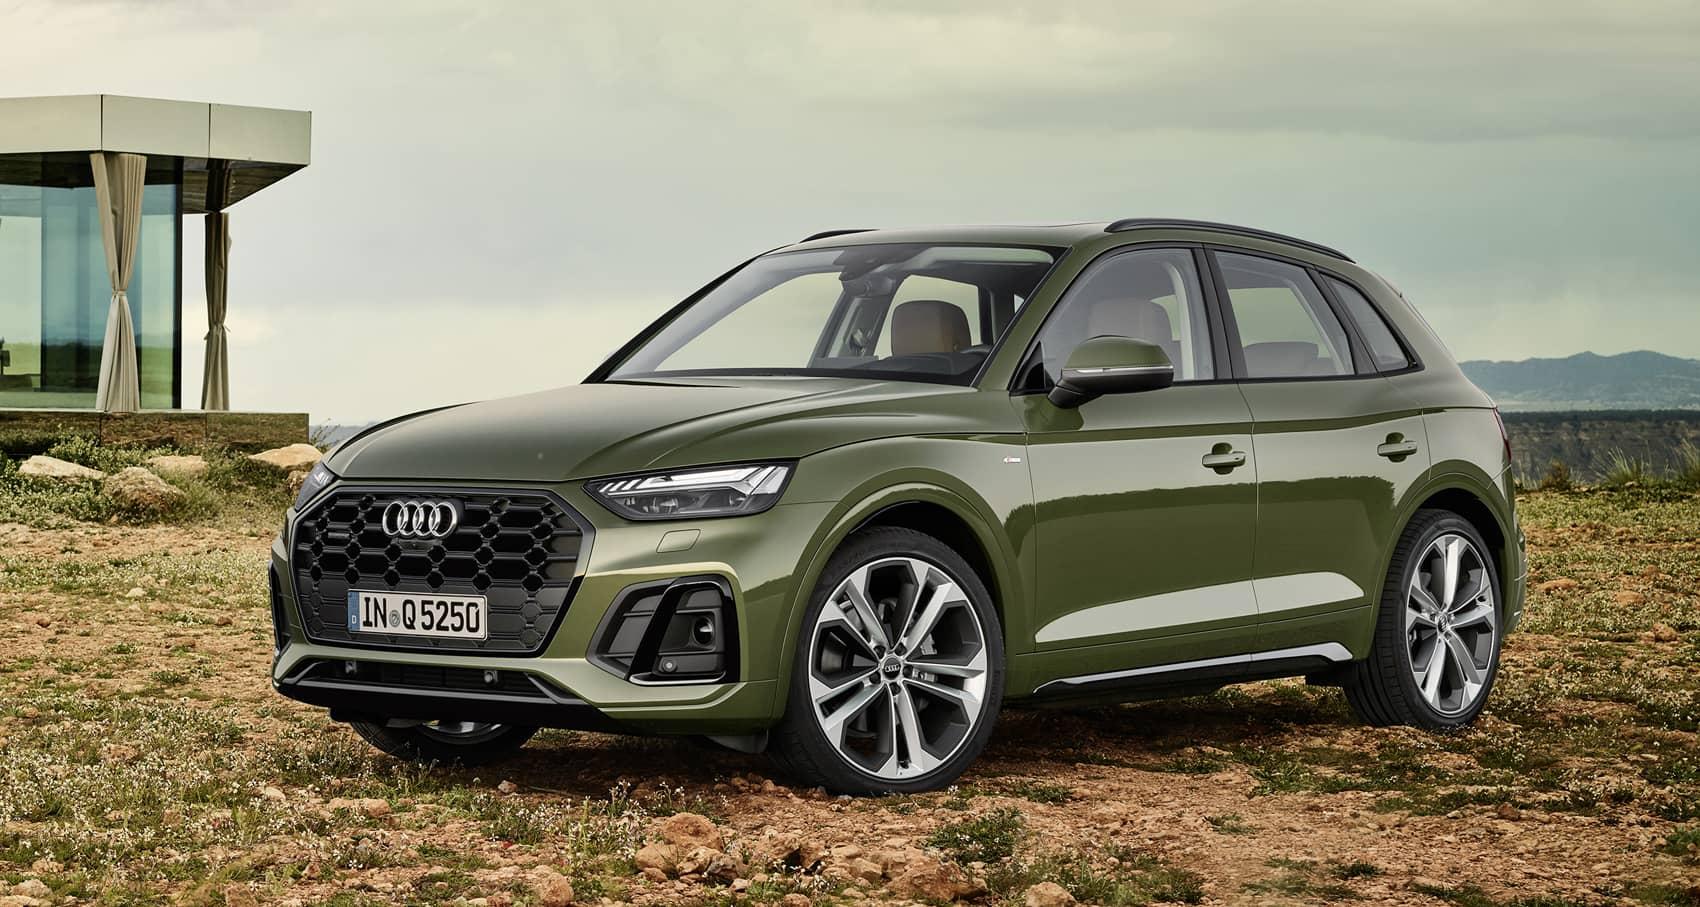 Precios Audi Q5 2021 - Descubre las ofertas del Audi Q5 | Qué coche me compro